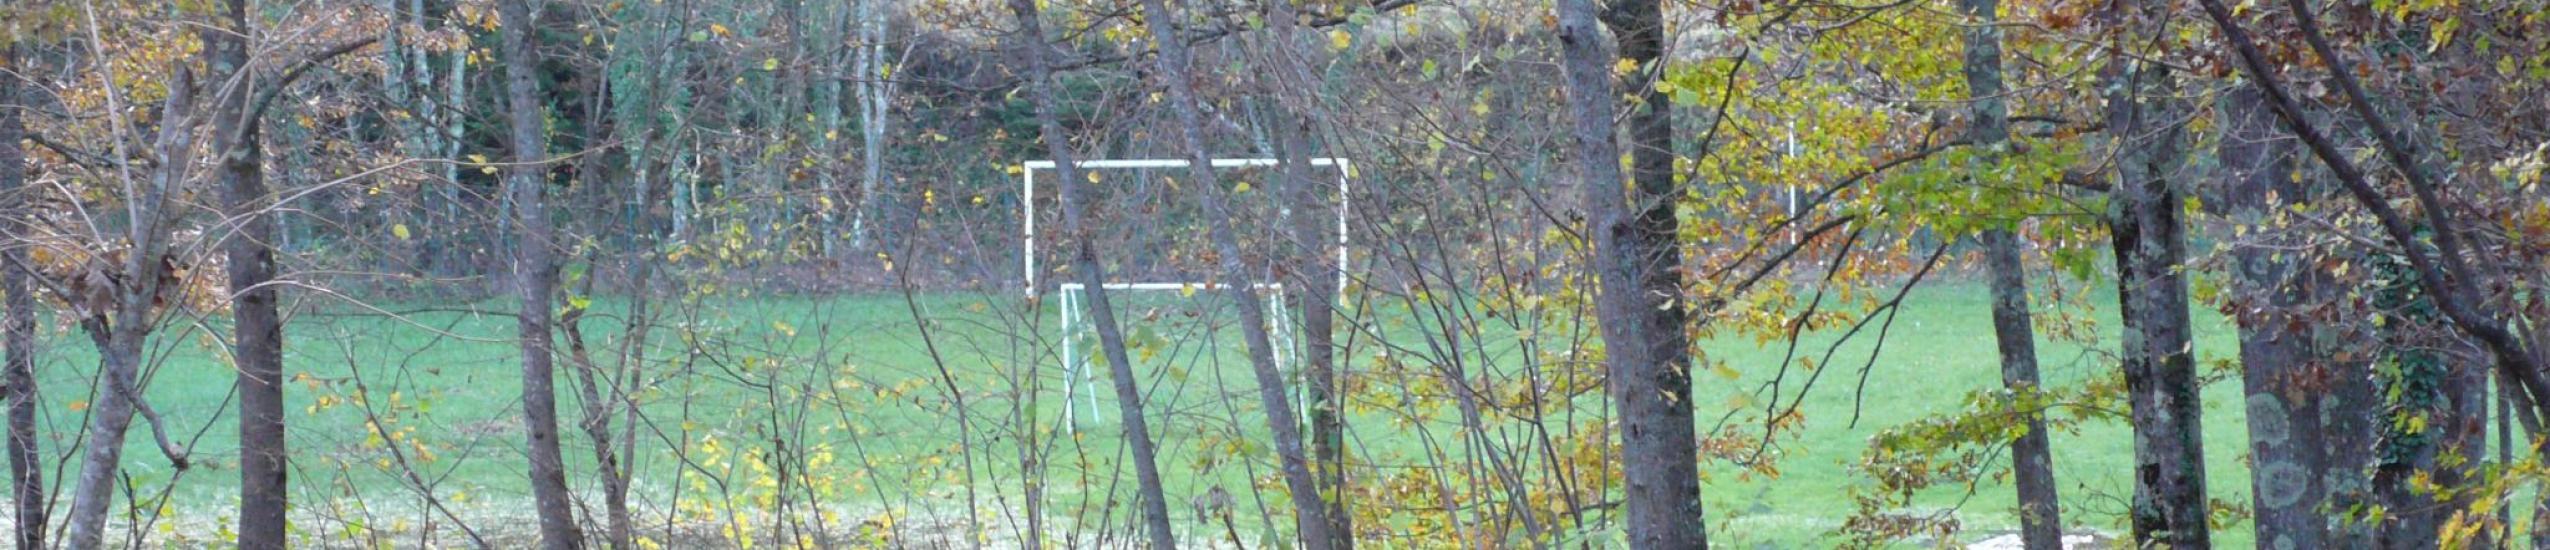 accesso al campo sportivo